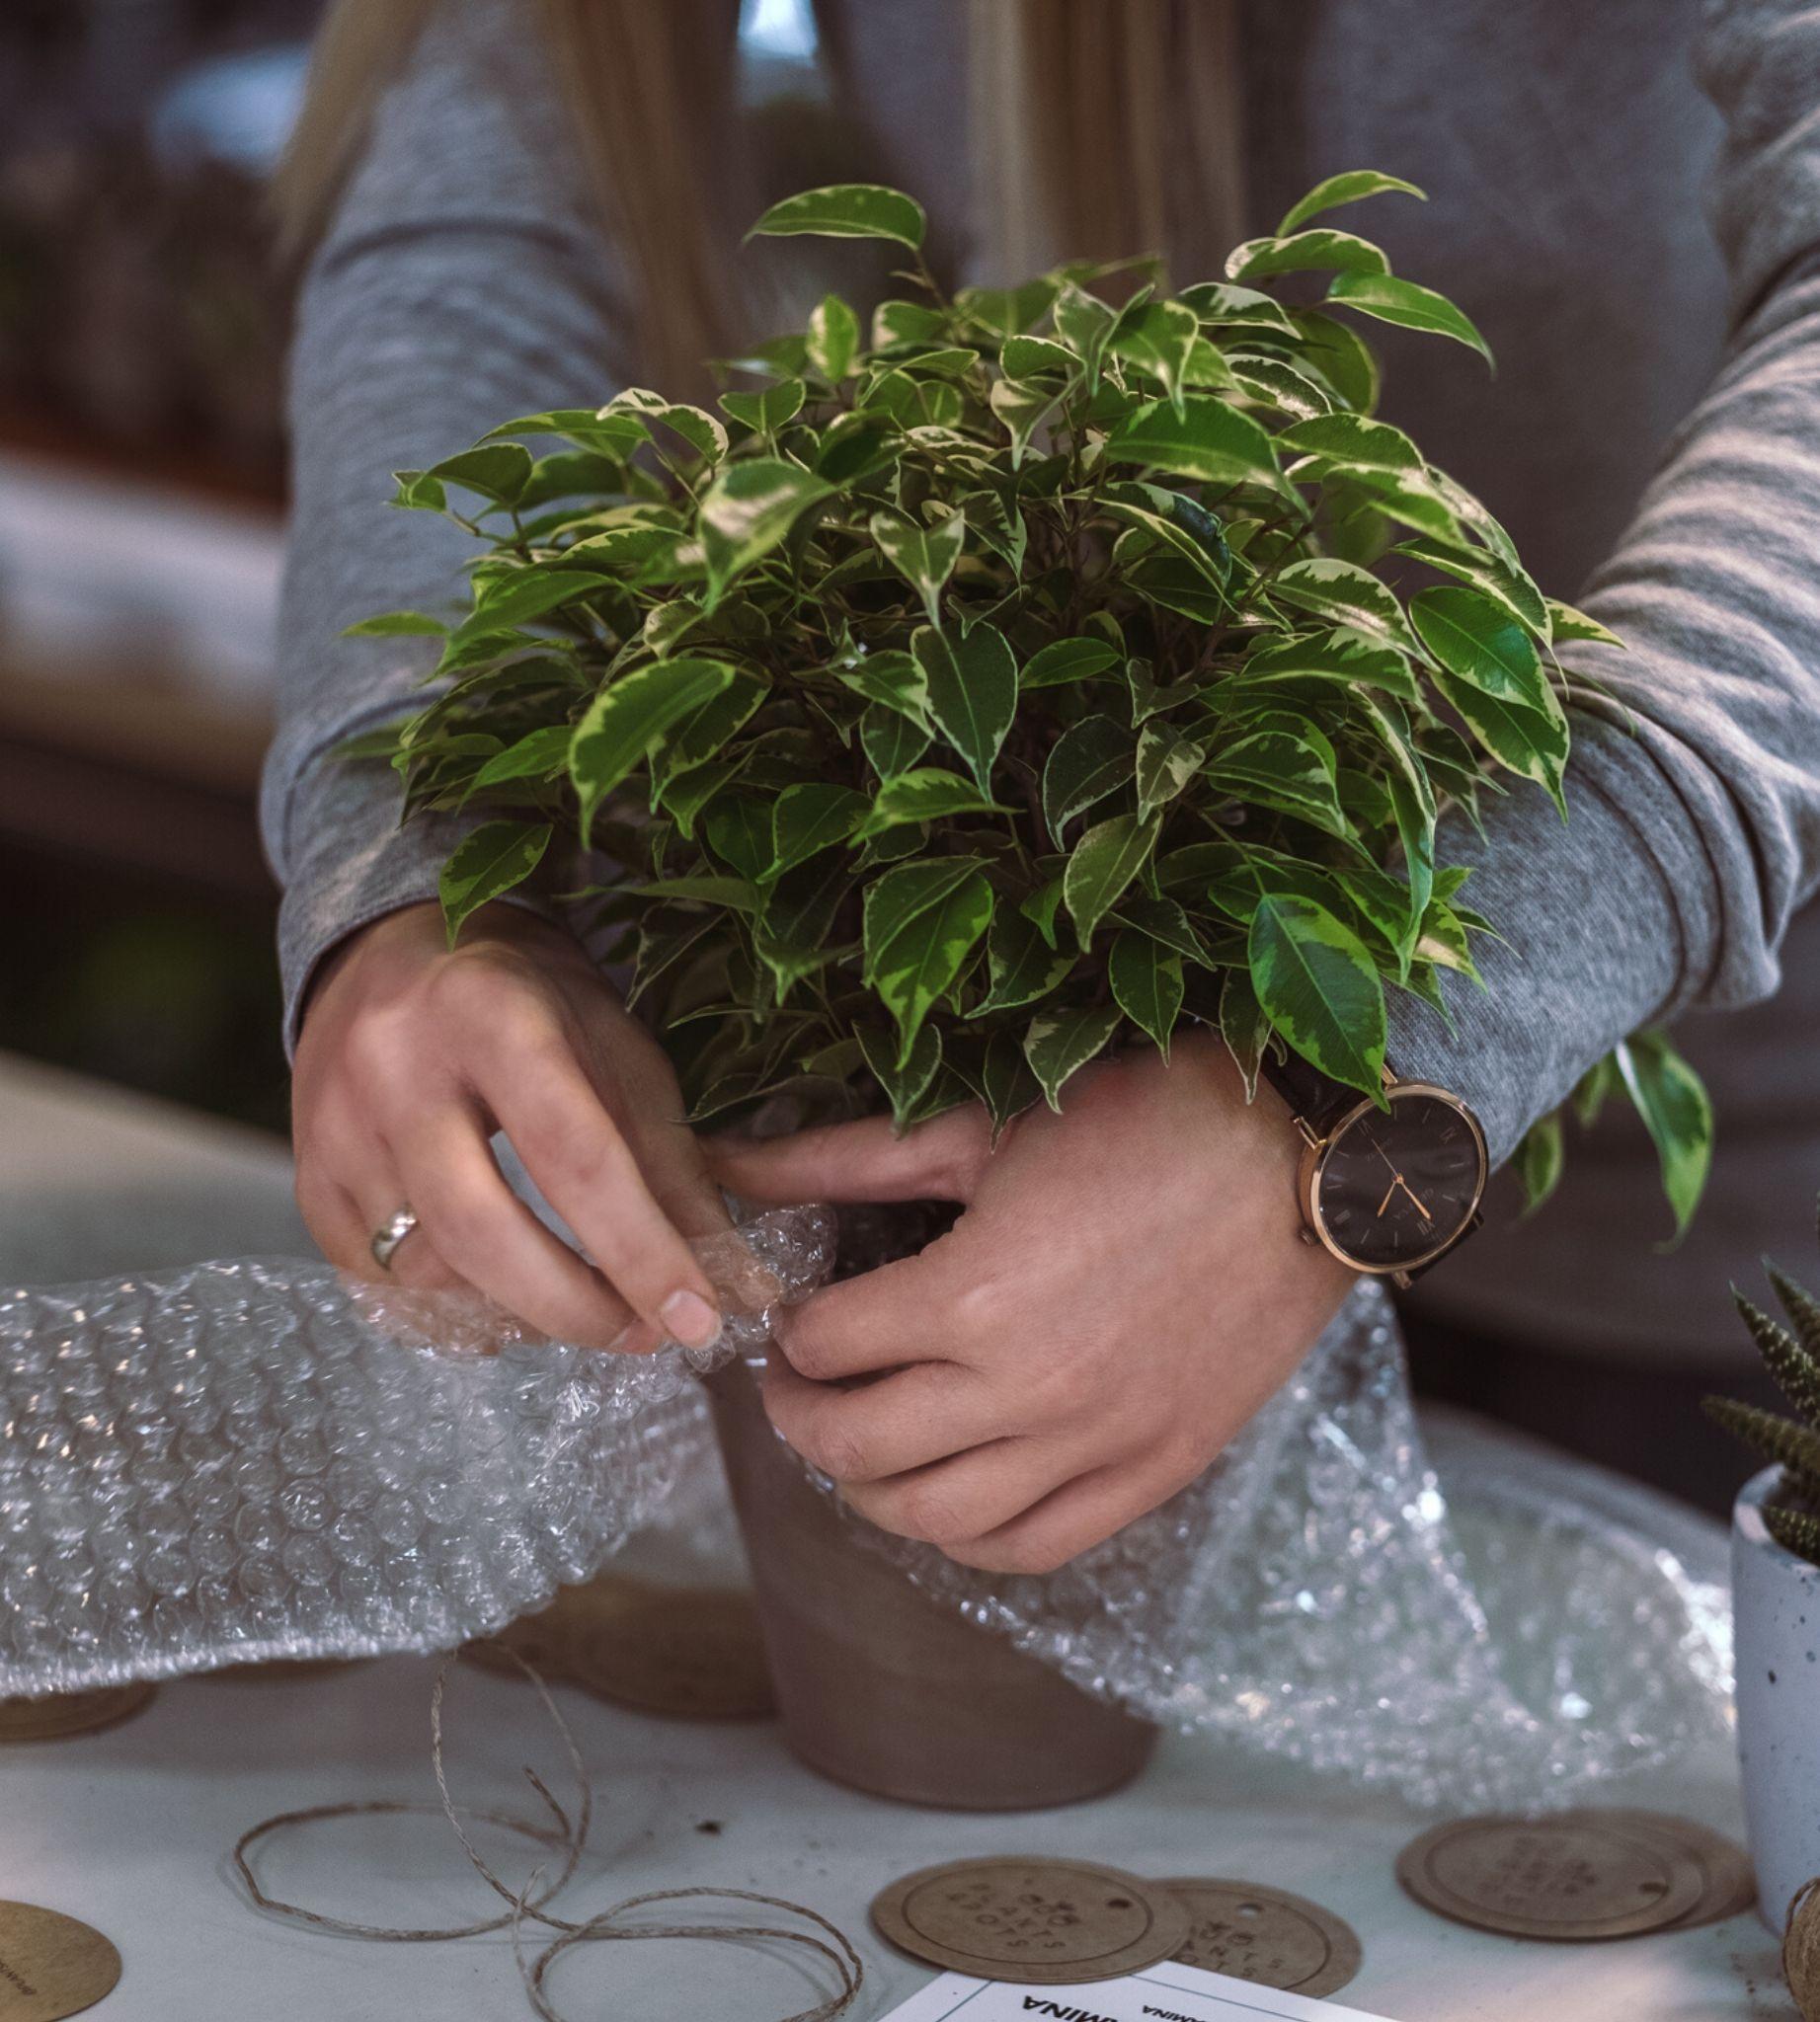 Zabezpieczanie rośliny przed wysyłką